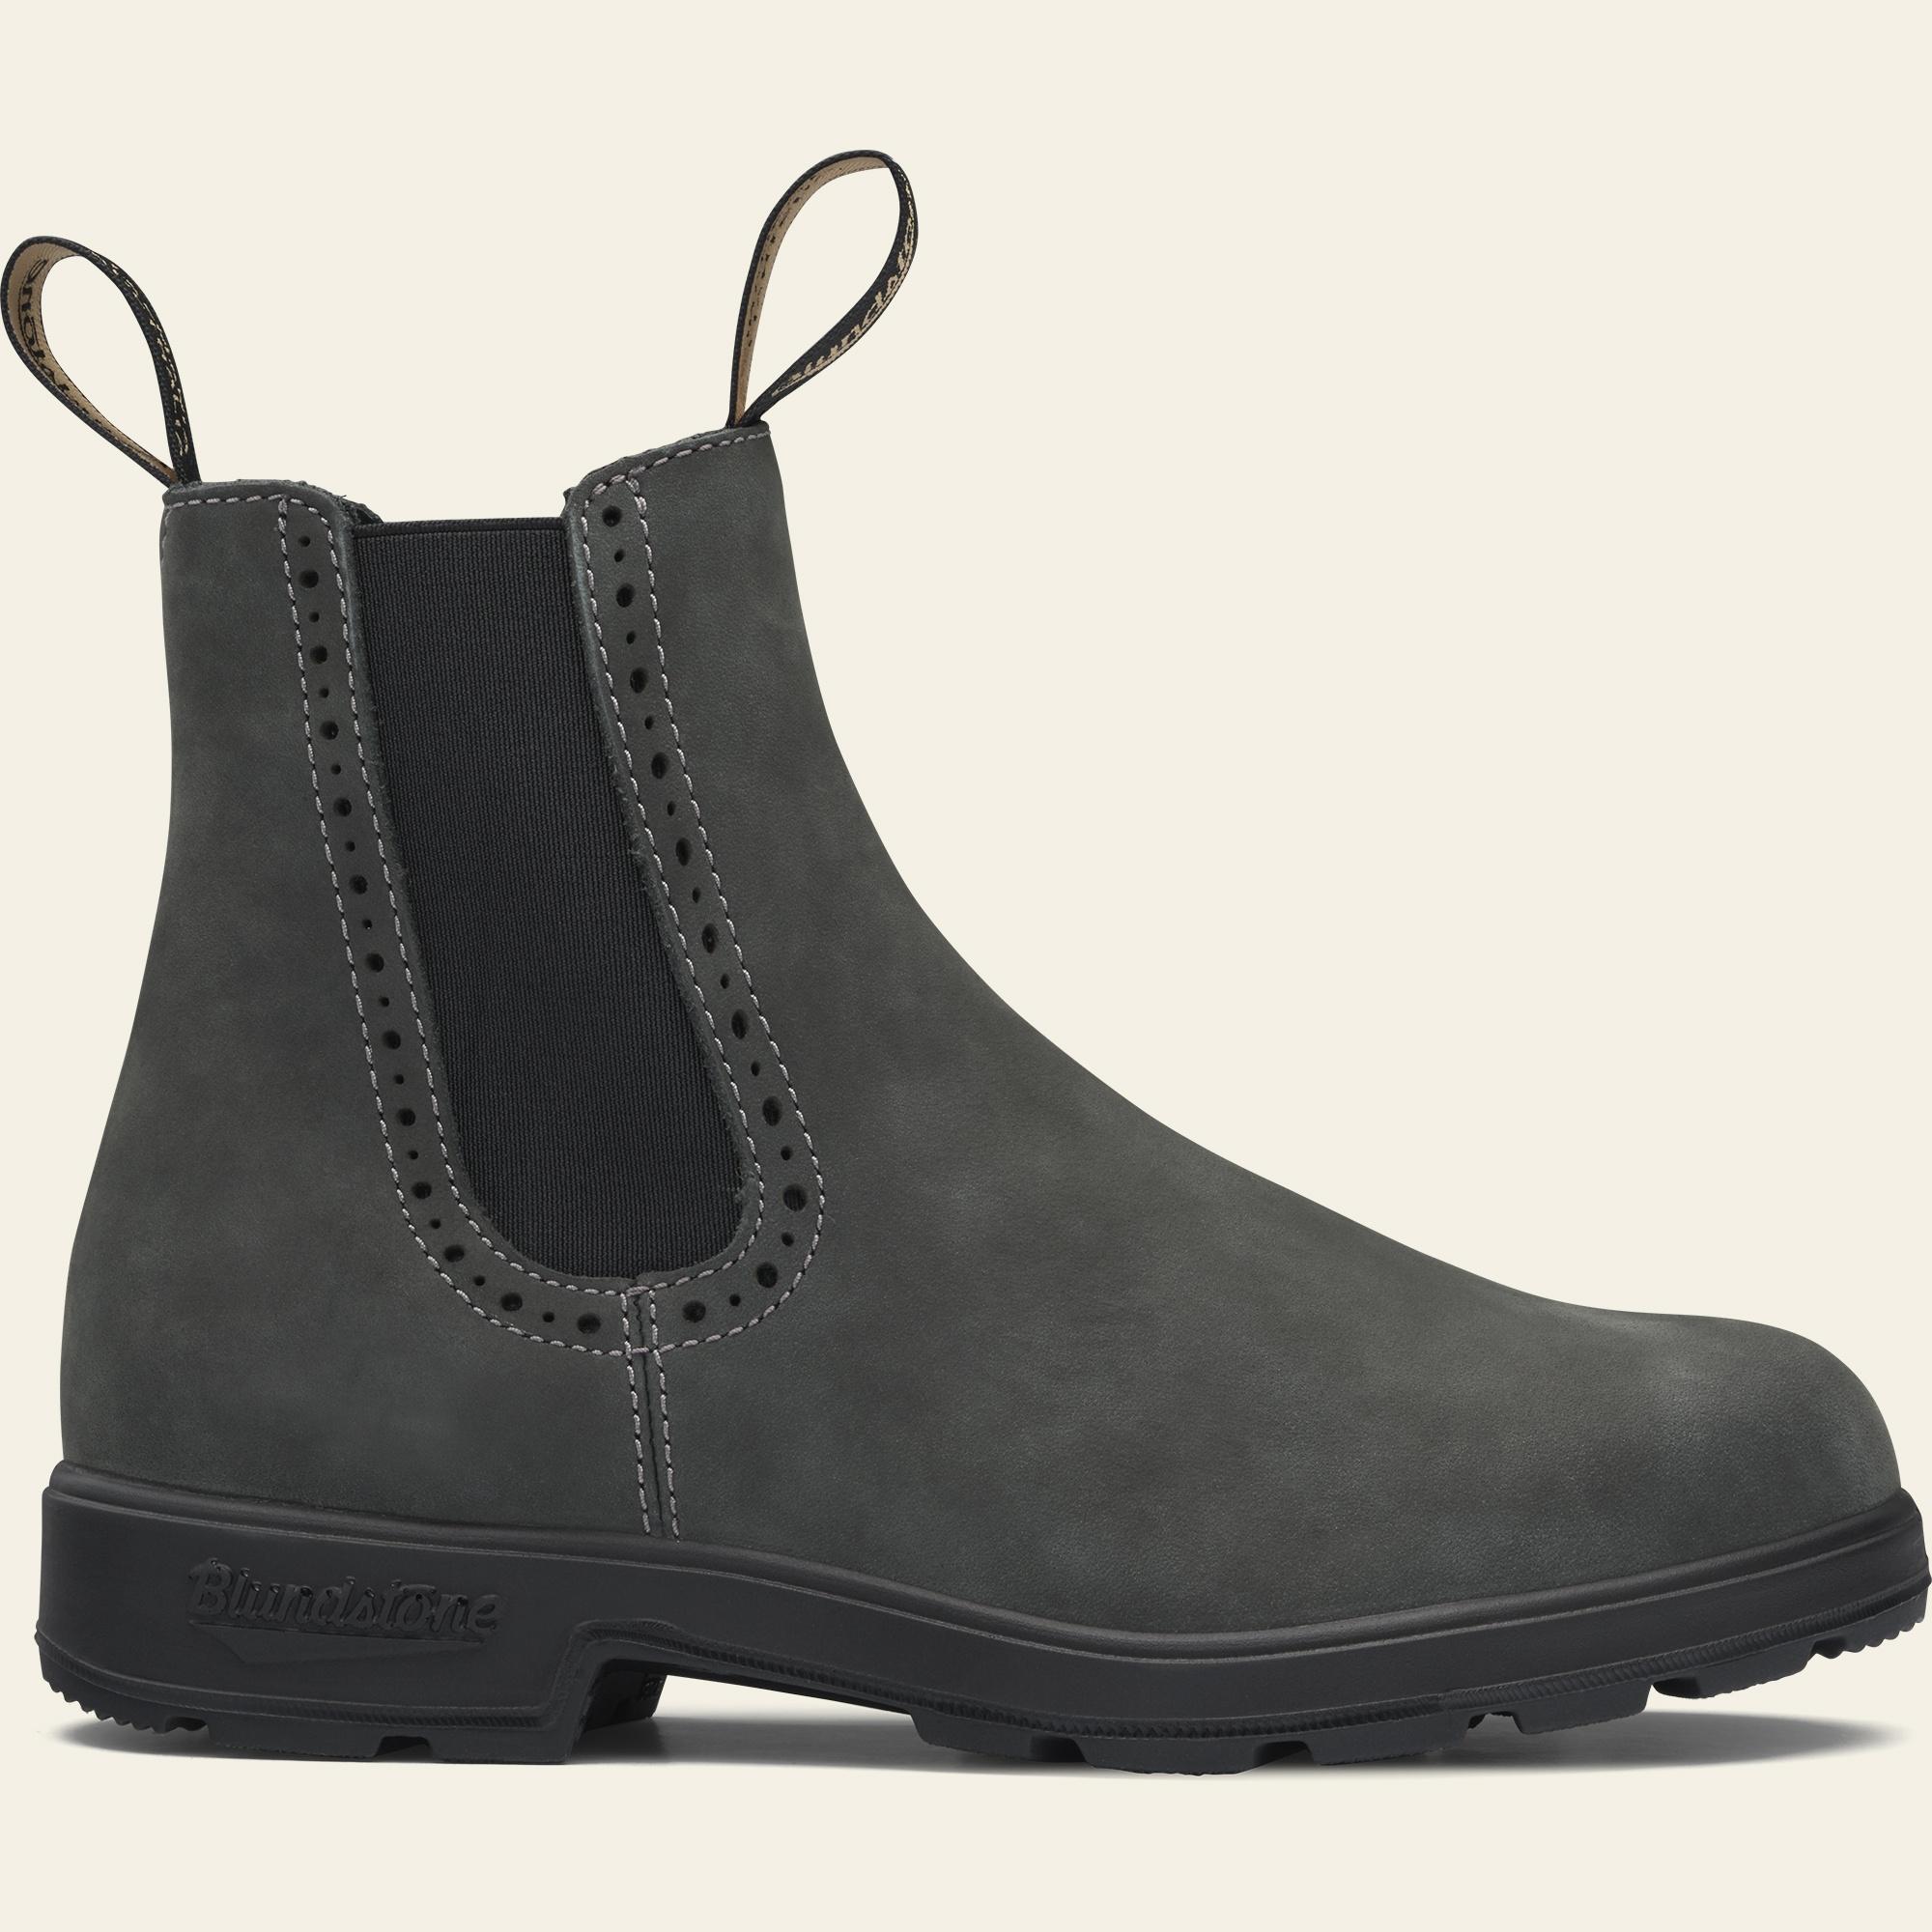 Rustic Black Premium Leather High Top